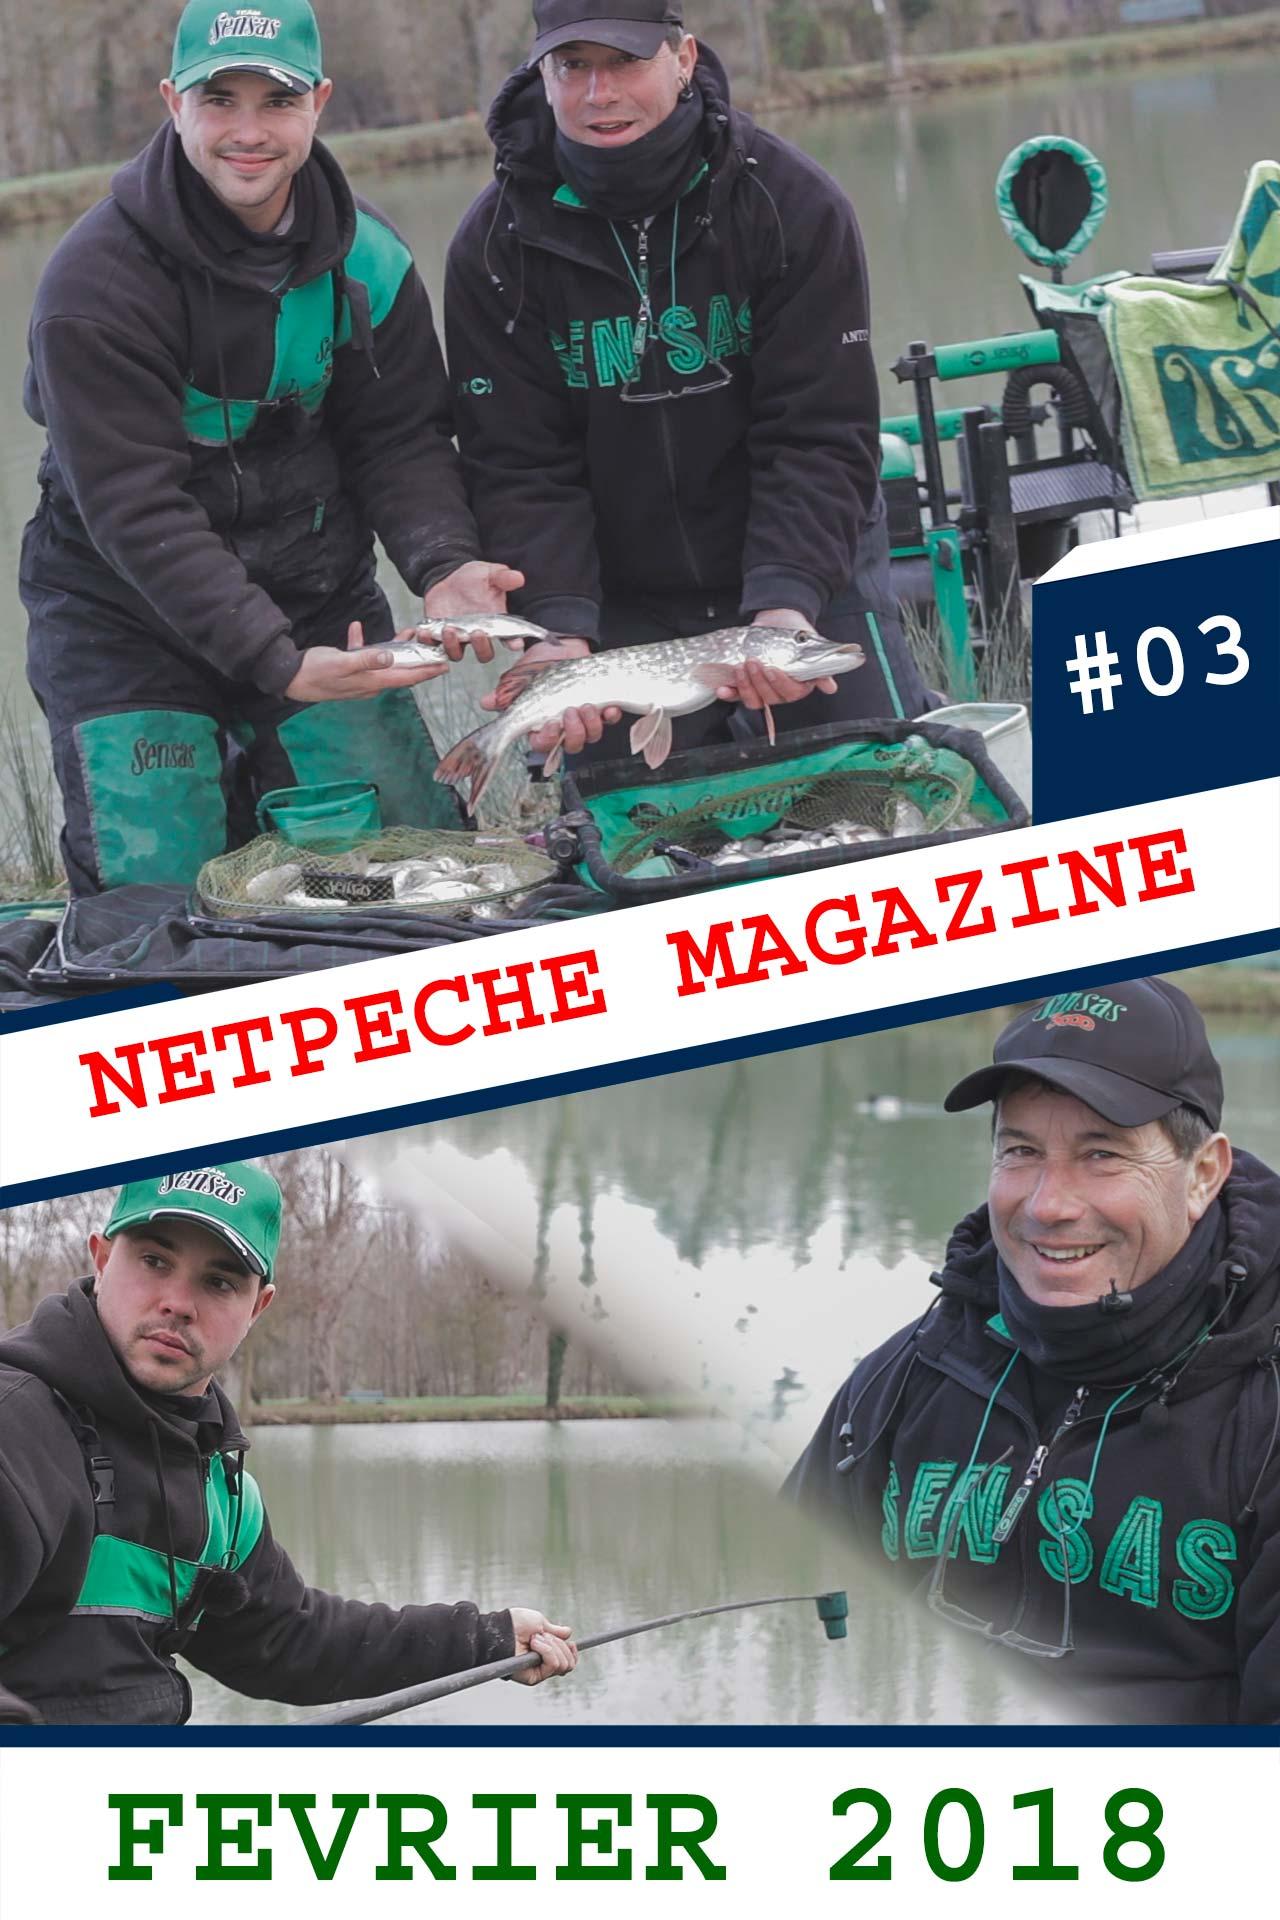 affiche teasing netpeche magazine 3 jean desqué